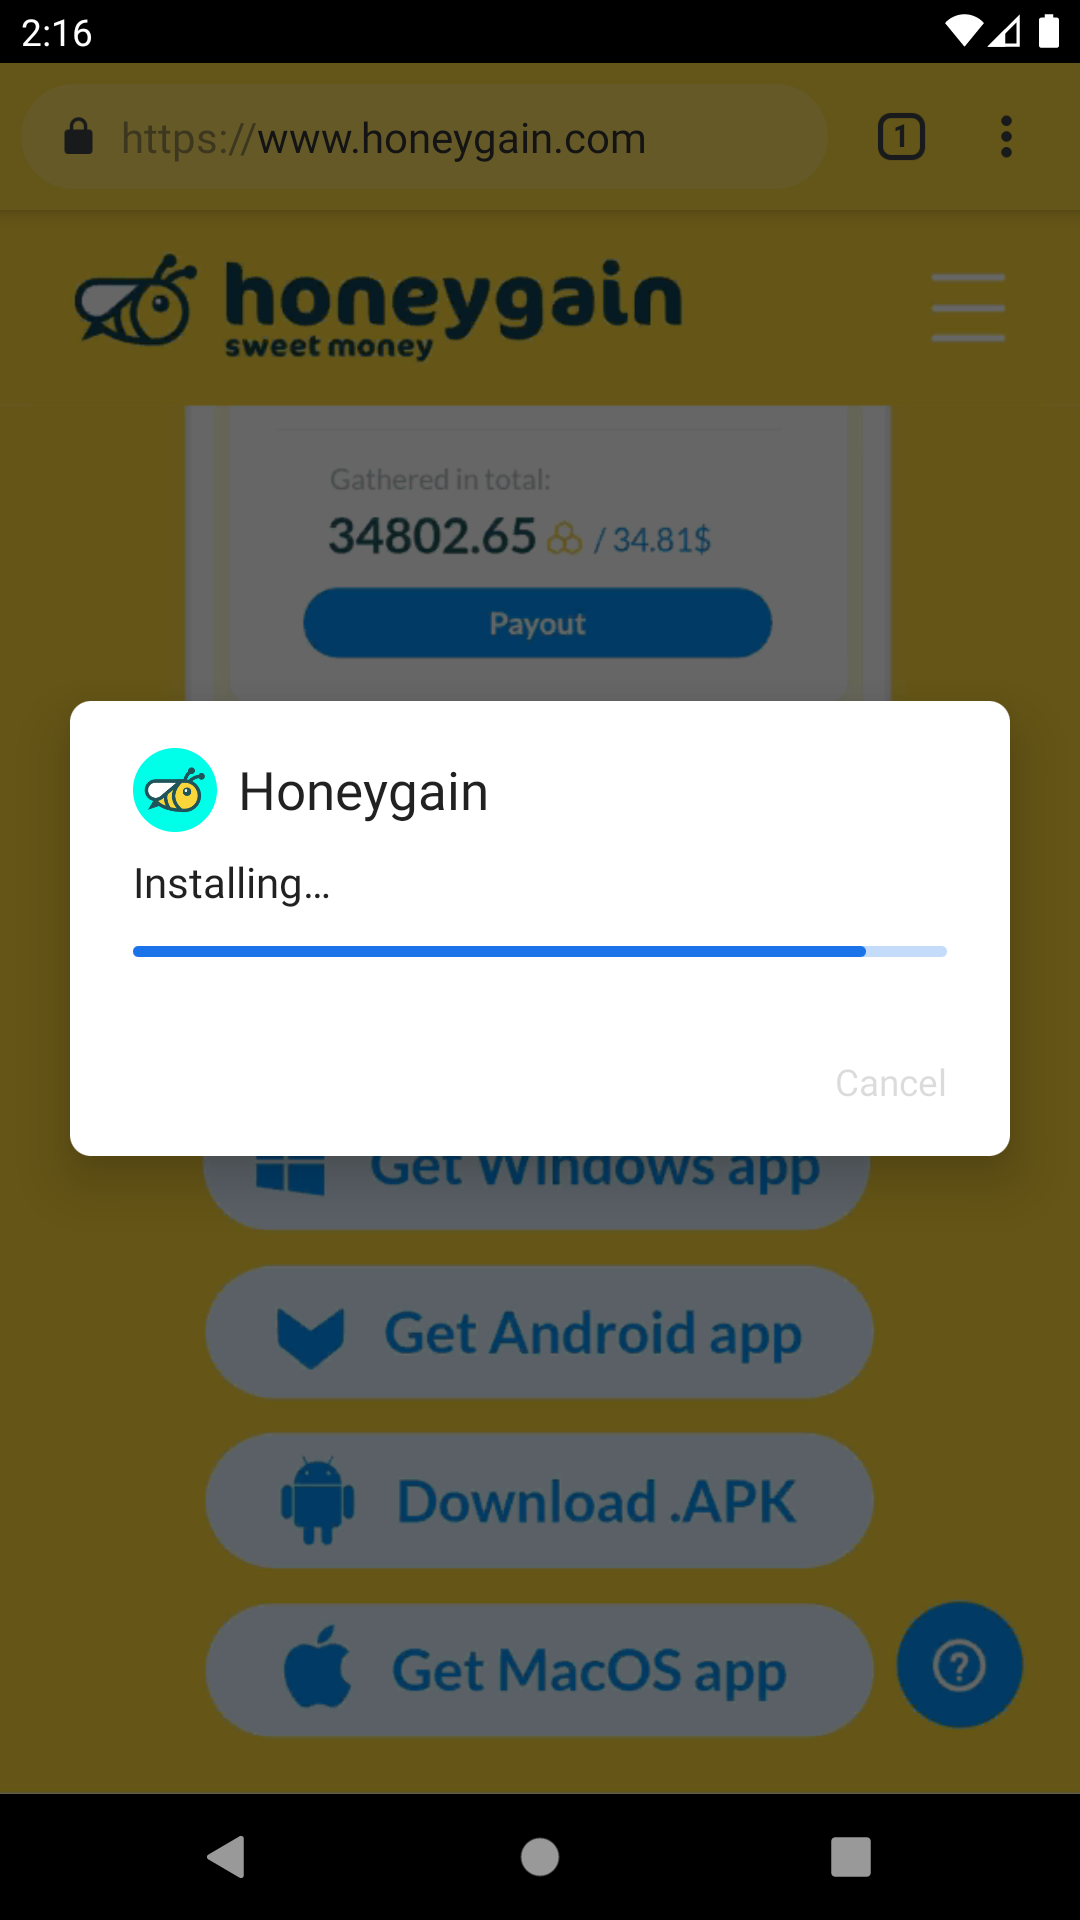 赚美金项目有哪些?推荐Honeygain小蜜蜂挂机赚美金,附详细教程!  赚美金项目 Honeygain 小蜜蜂 挂机赚美金 详细教程 第20张